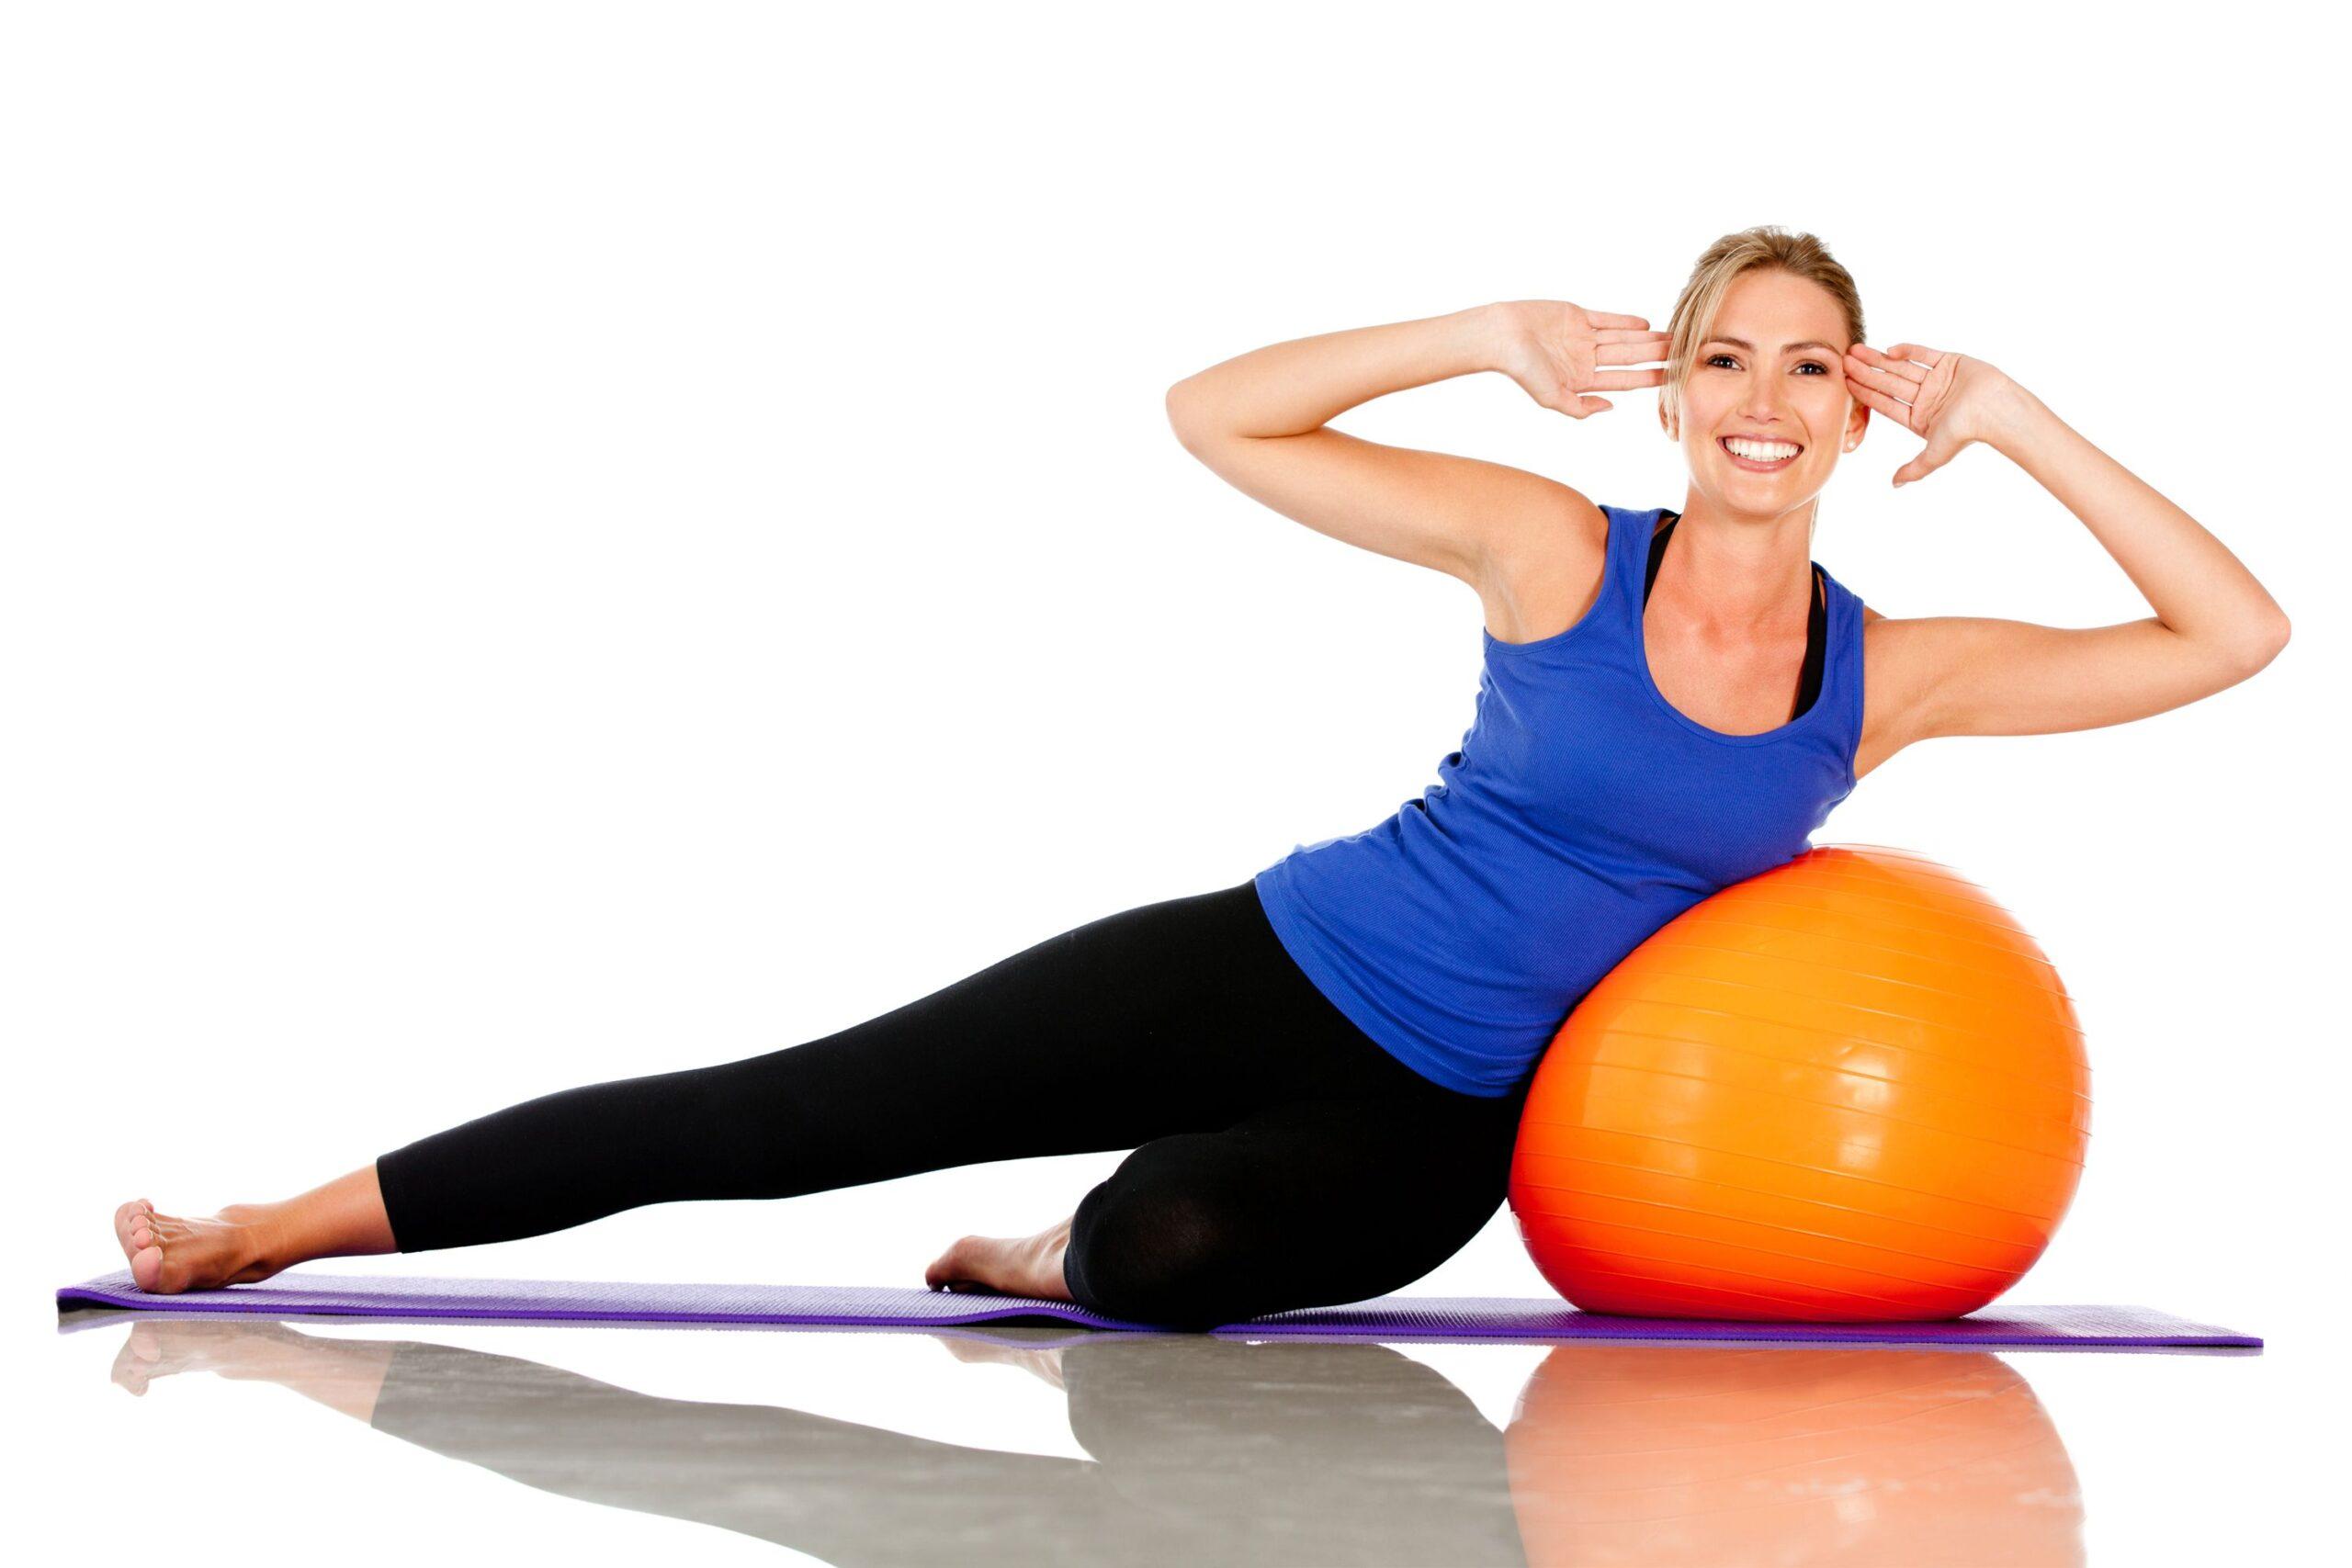 Il nuovo metodo di Pilates proposto da Rebecca Leone